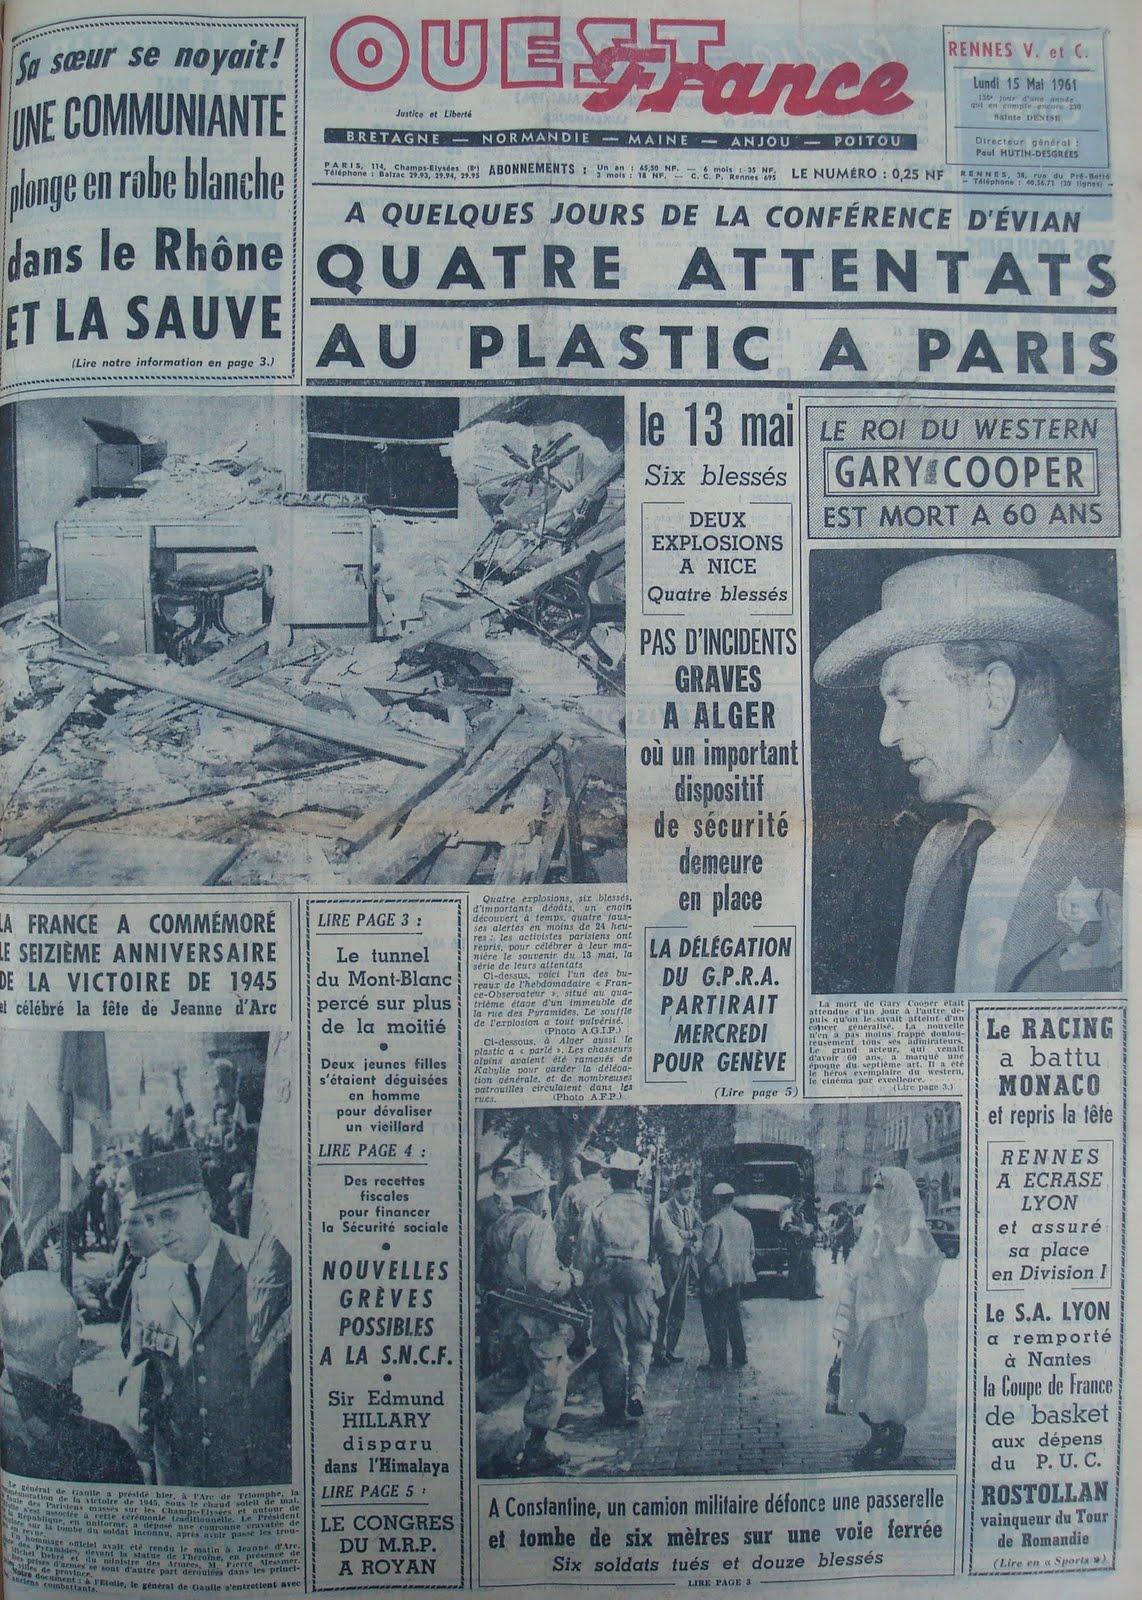 Gary cooper le gentleman de l 39 ouest journal de la mort de gary cooper 15 17 mai 1961 - Ouest france le journal gratuit ...